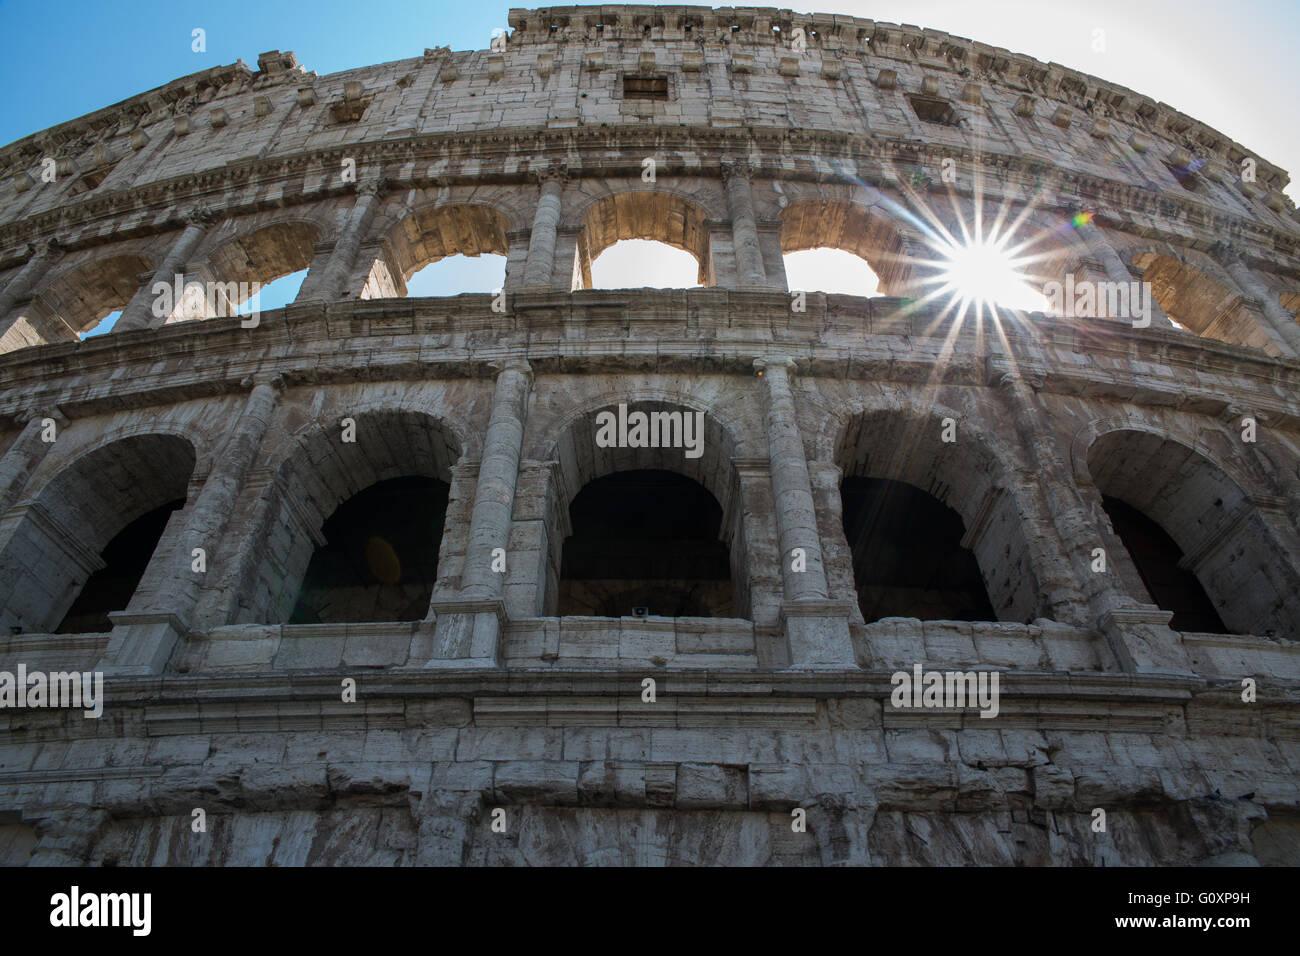 Le Colisée, également connu sous le nom de l'amphithéâtre Flavien est un amphithéâtre Photo Stock